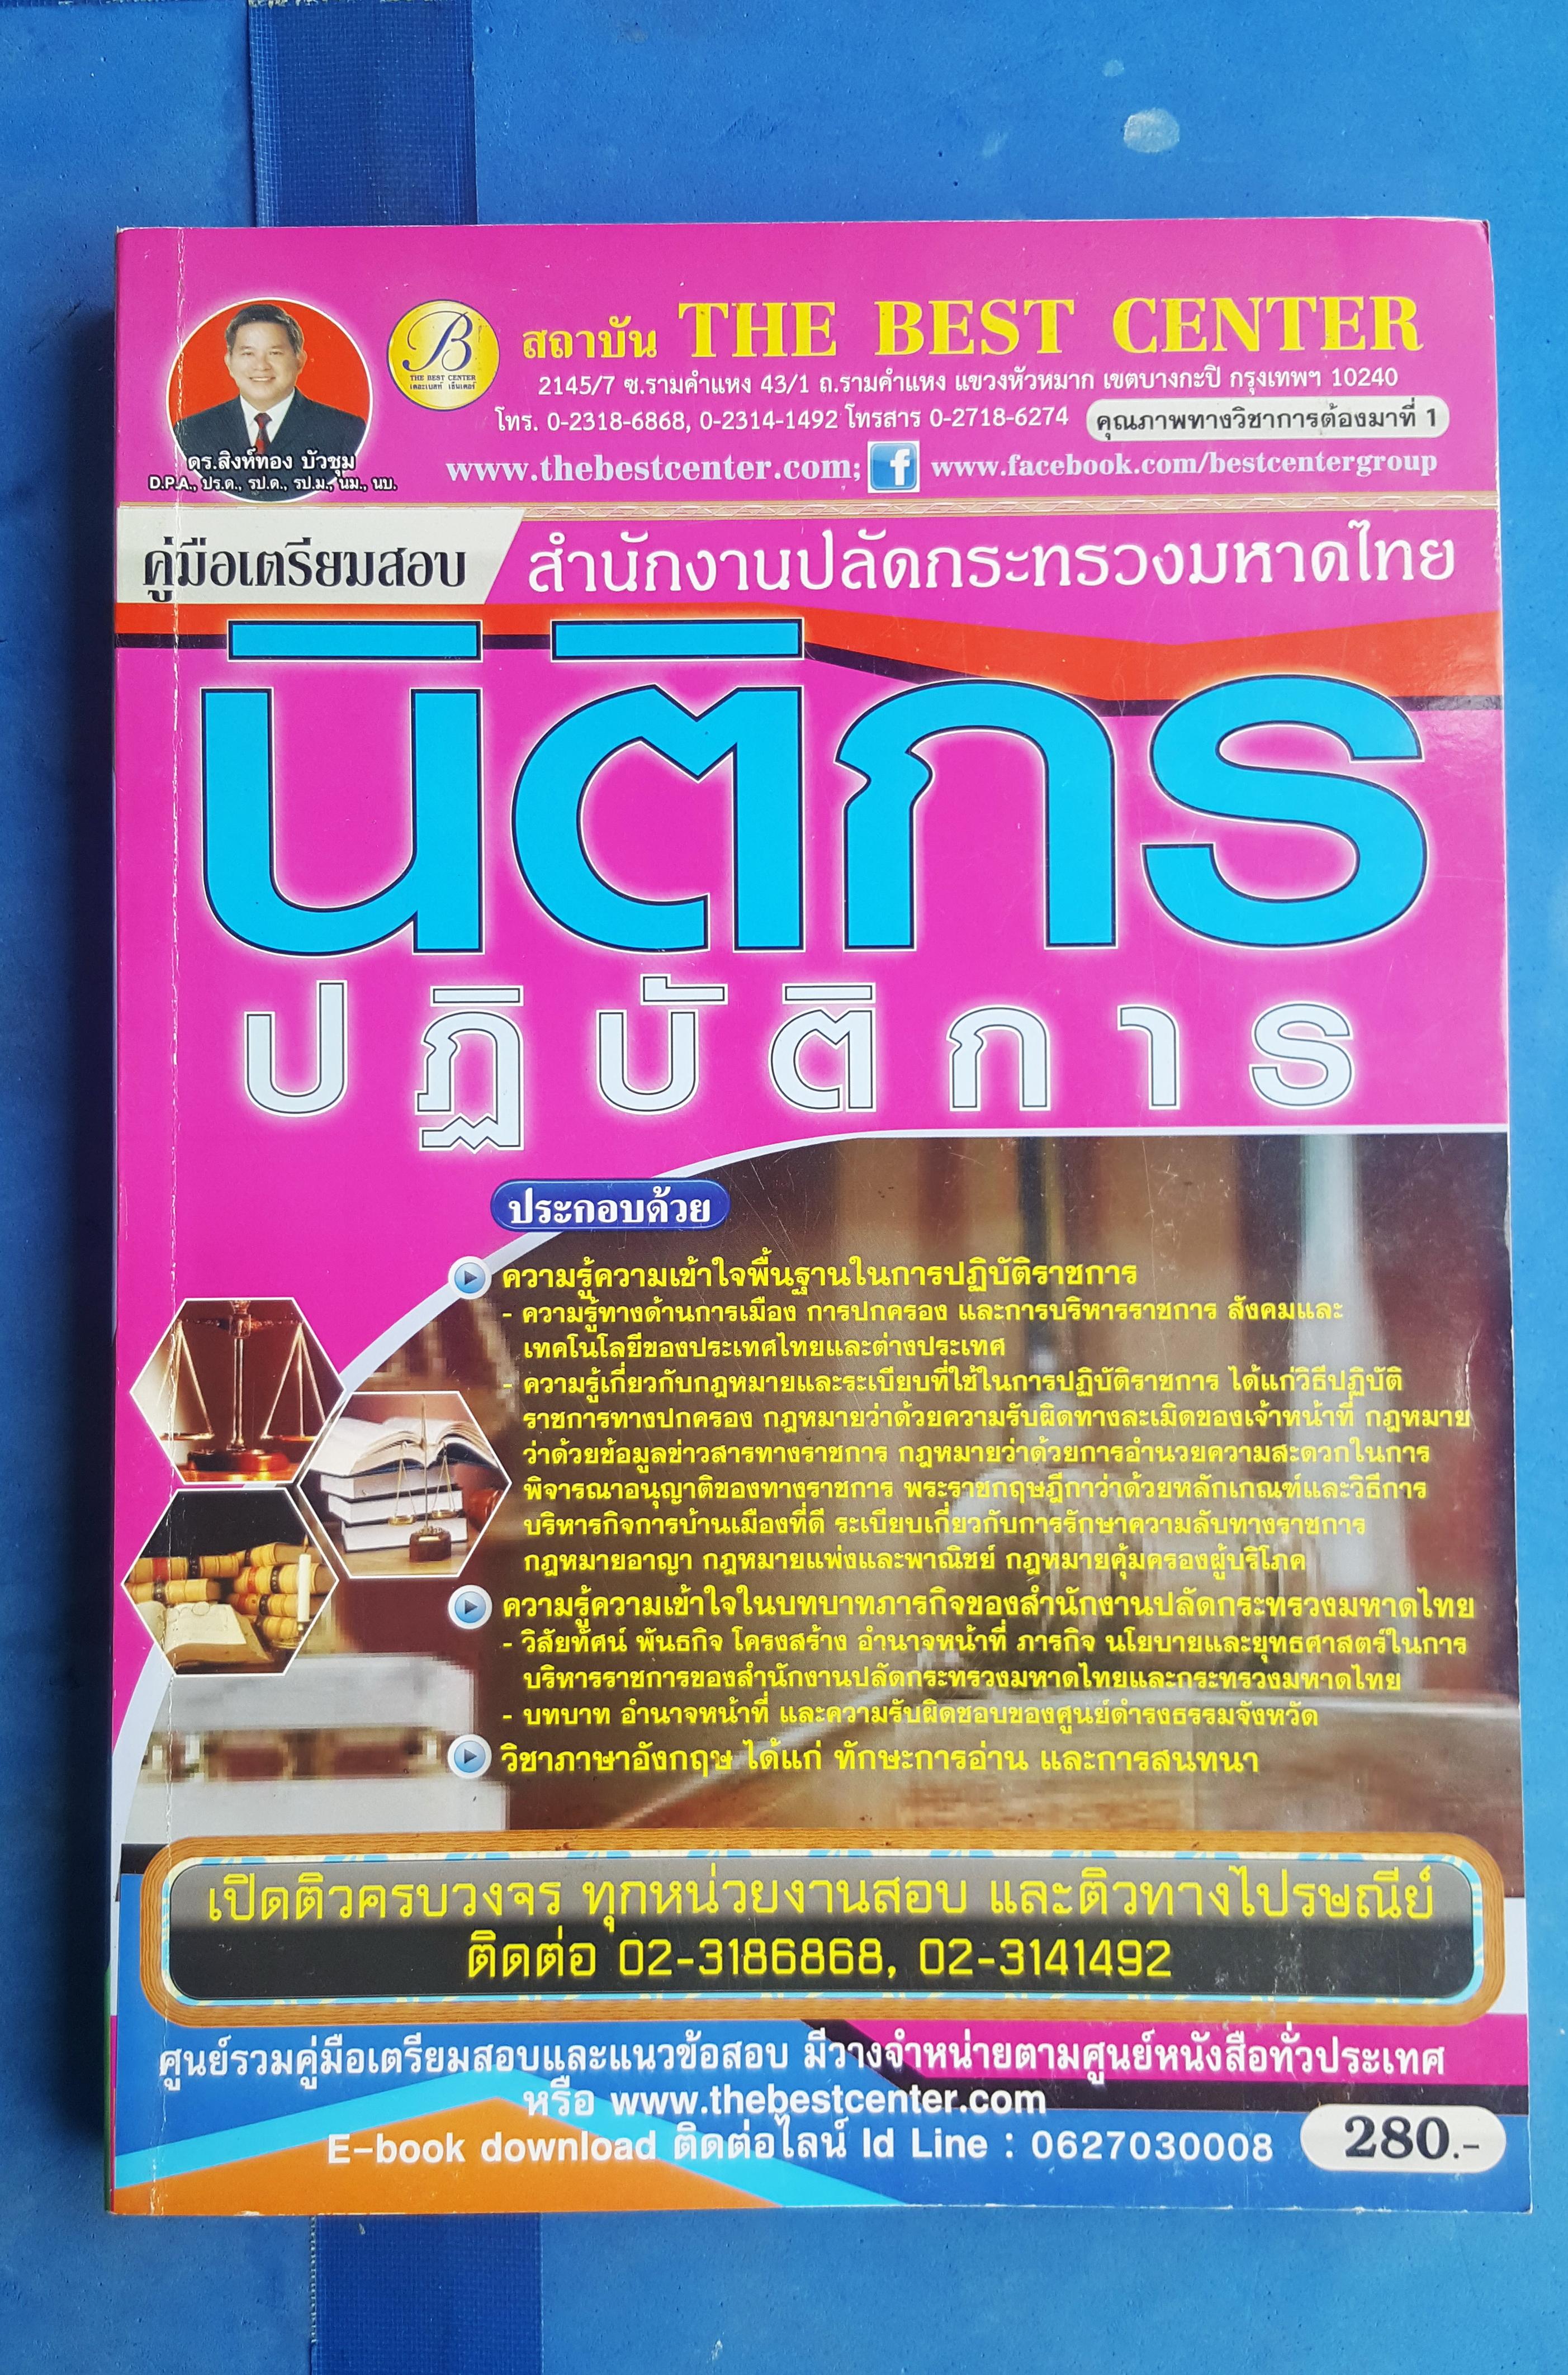 คู่มือเตรียมสอบ นิติกรปฏิบัติการ สำนักงานปลัดกระทรวงมหาดไทย โดยสถาบัน The Best